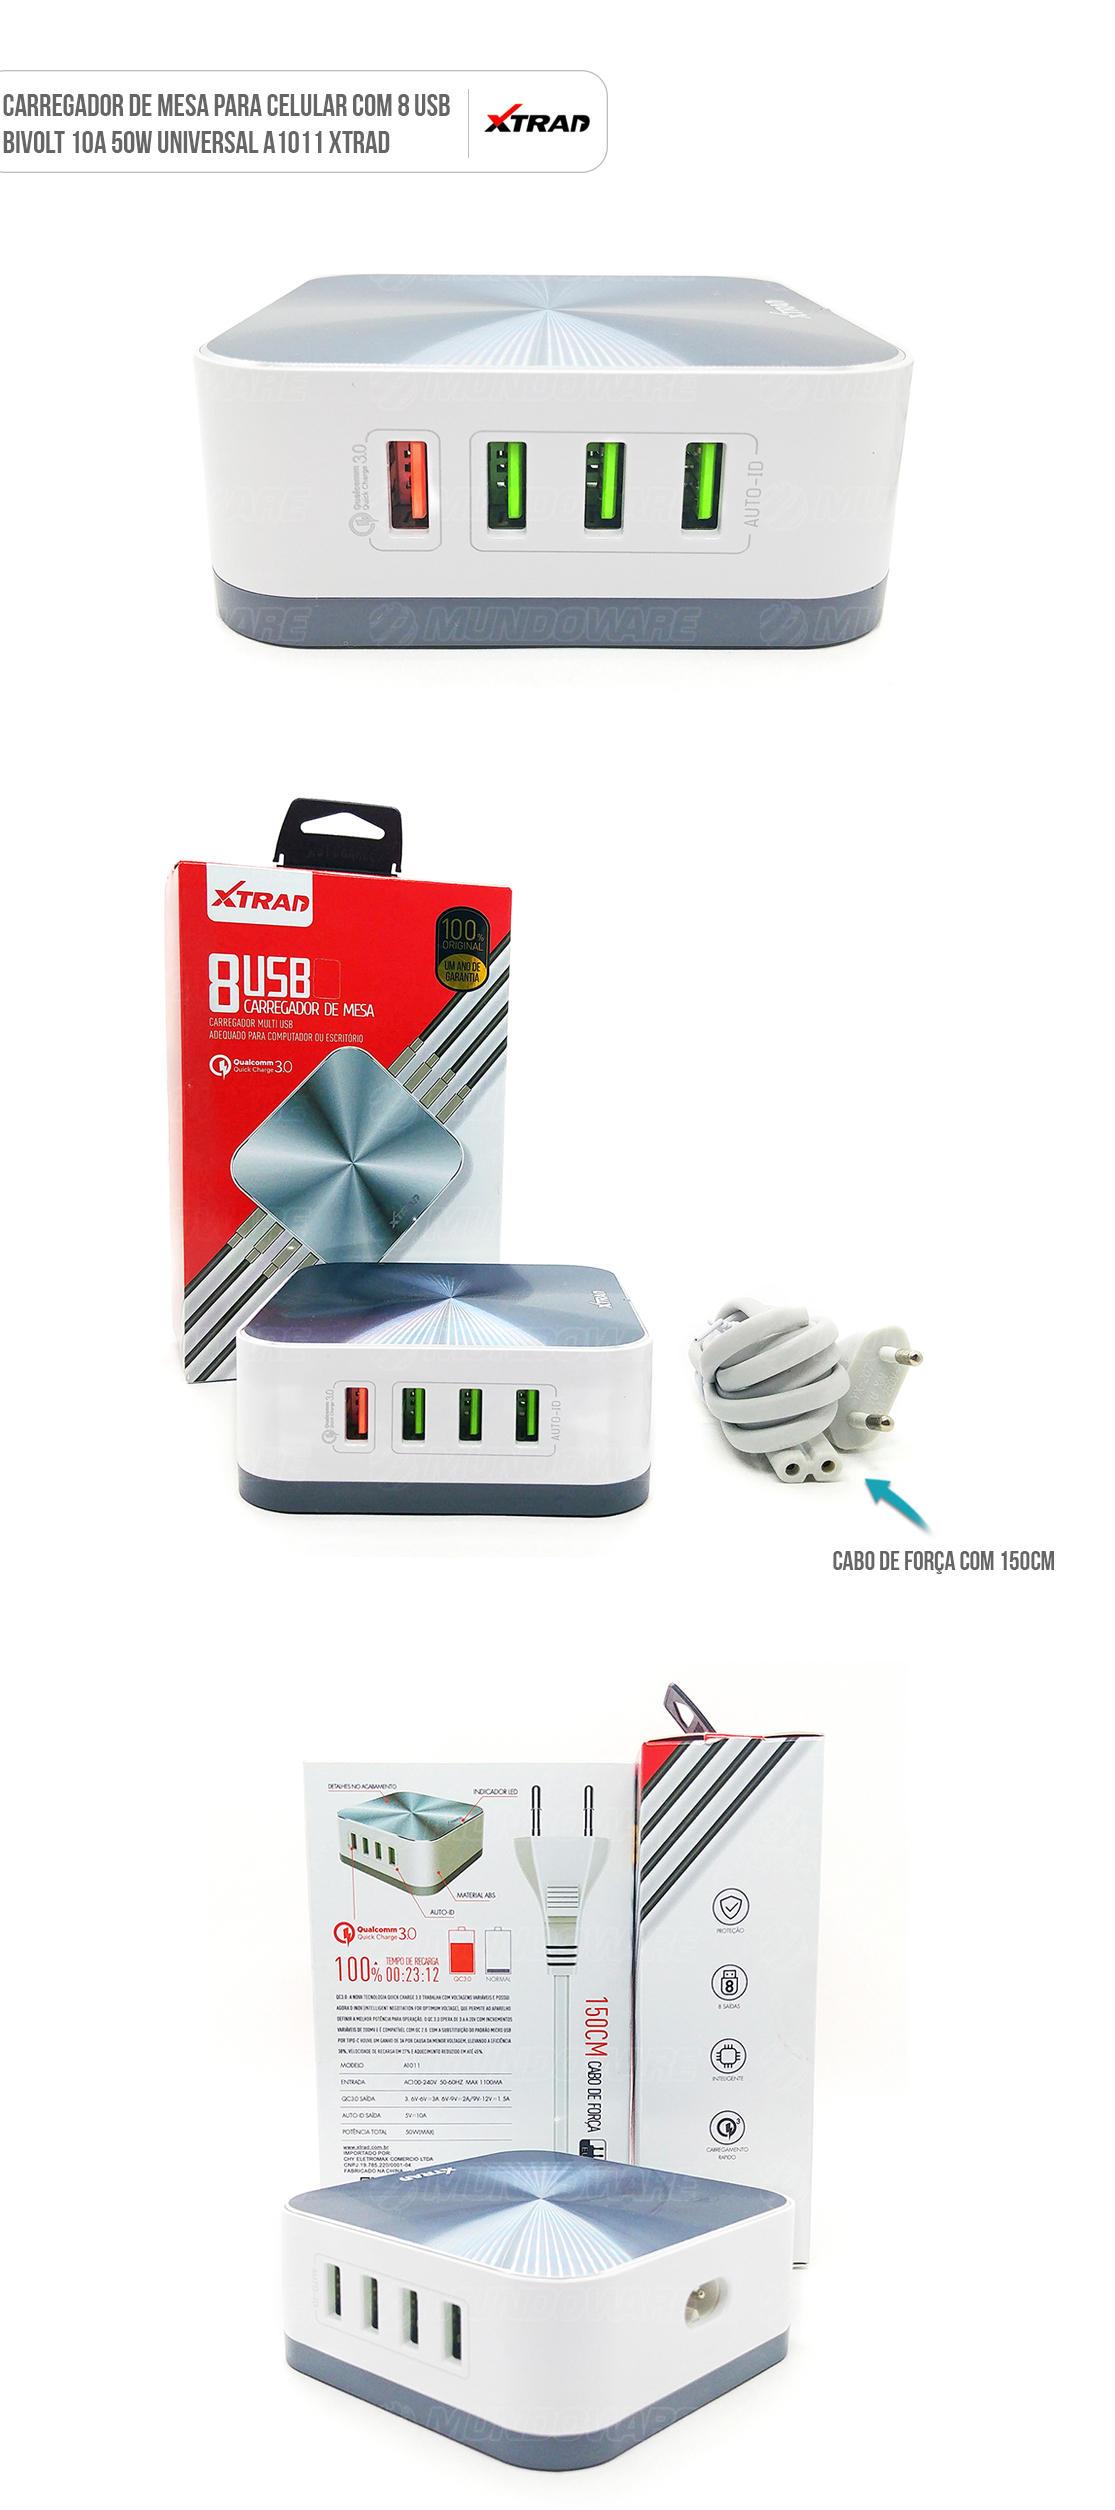 Carregador de Carro para Celular com USB Duplo universal e cabo micro usb v8